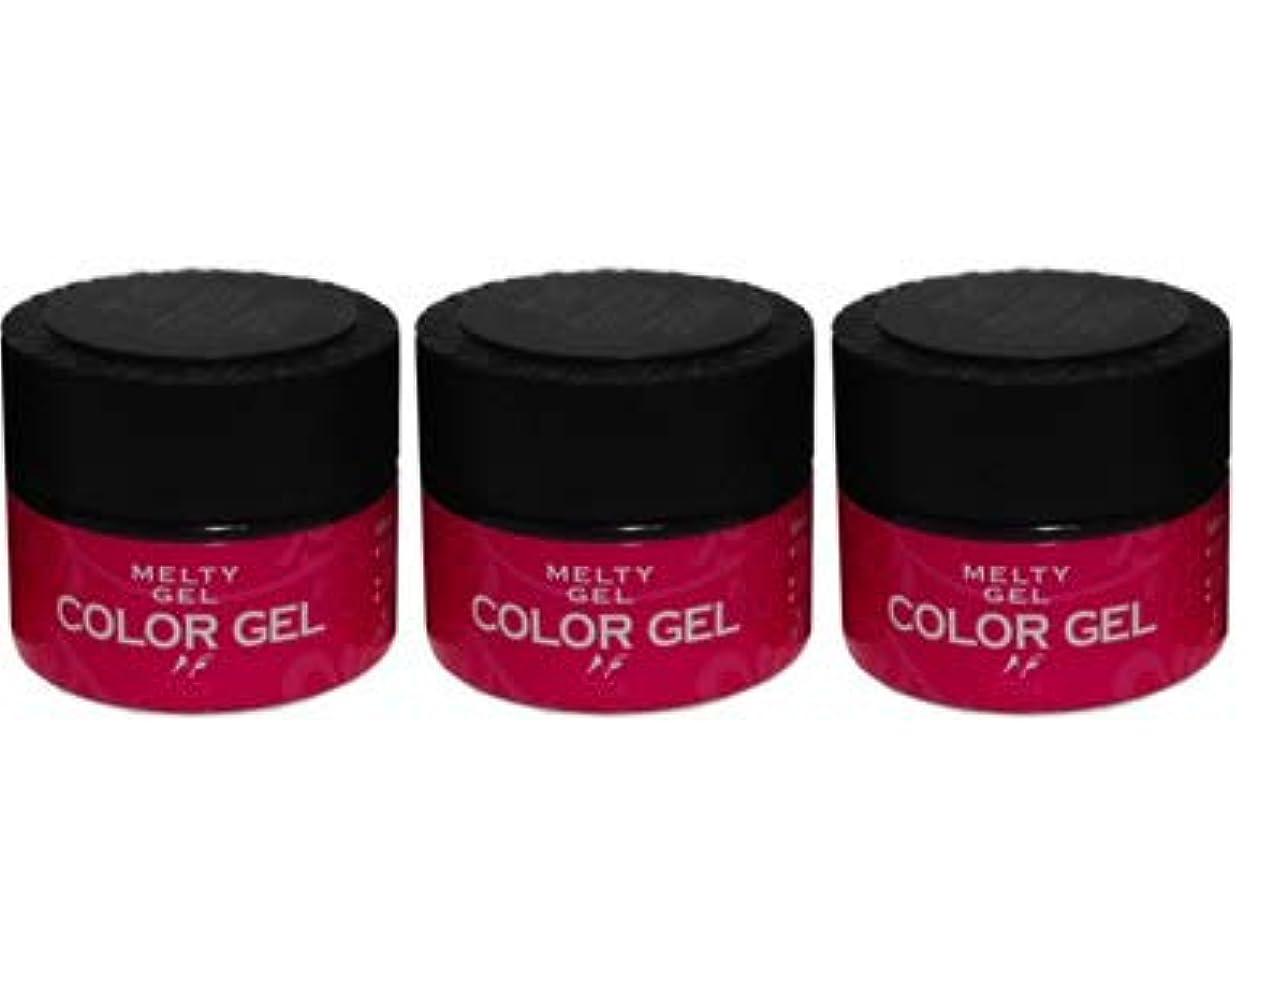 バラ色つまずく水星MELTY GEL(メルティージェル)3g フローズン 3色???フローズンブラウン?フローズンブラック?フローズンパープル